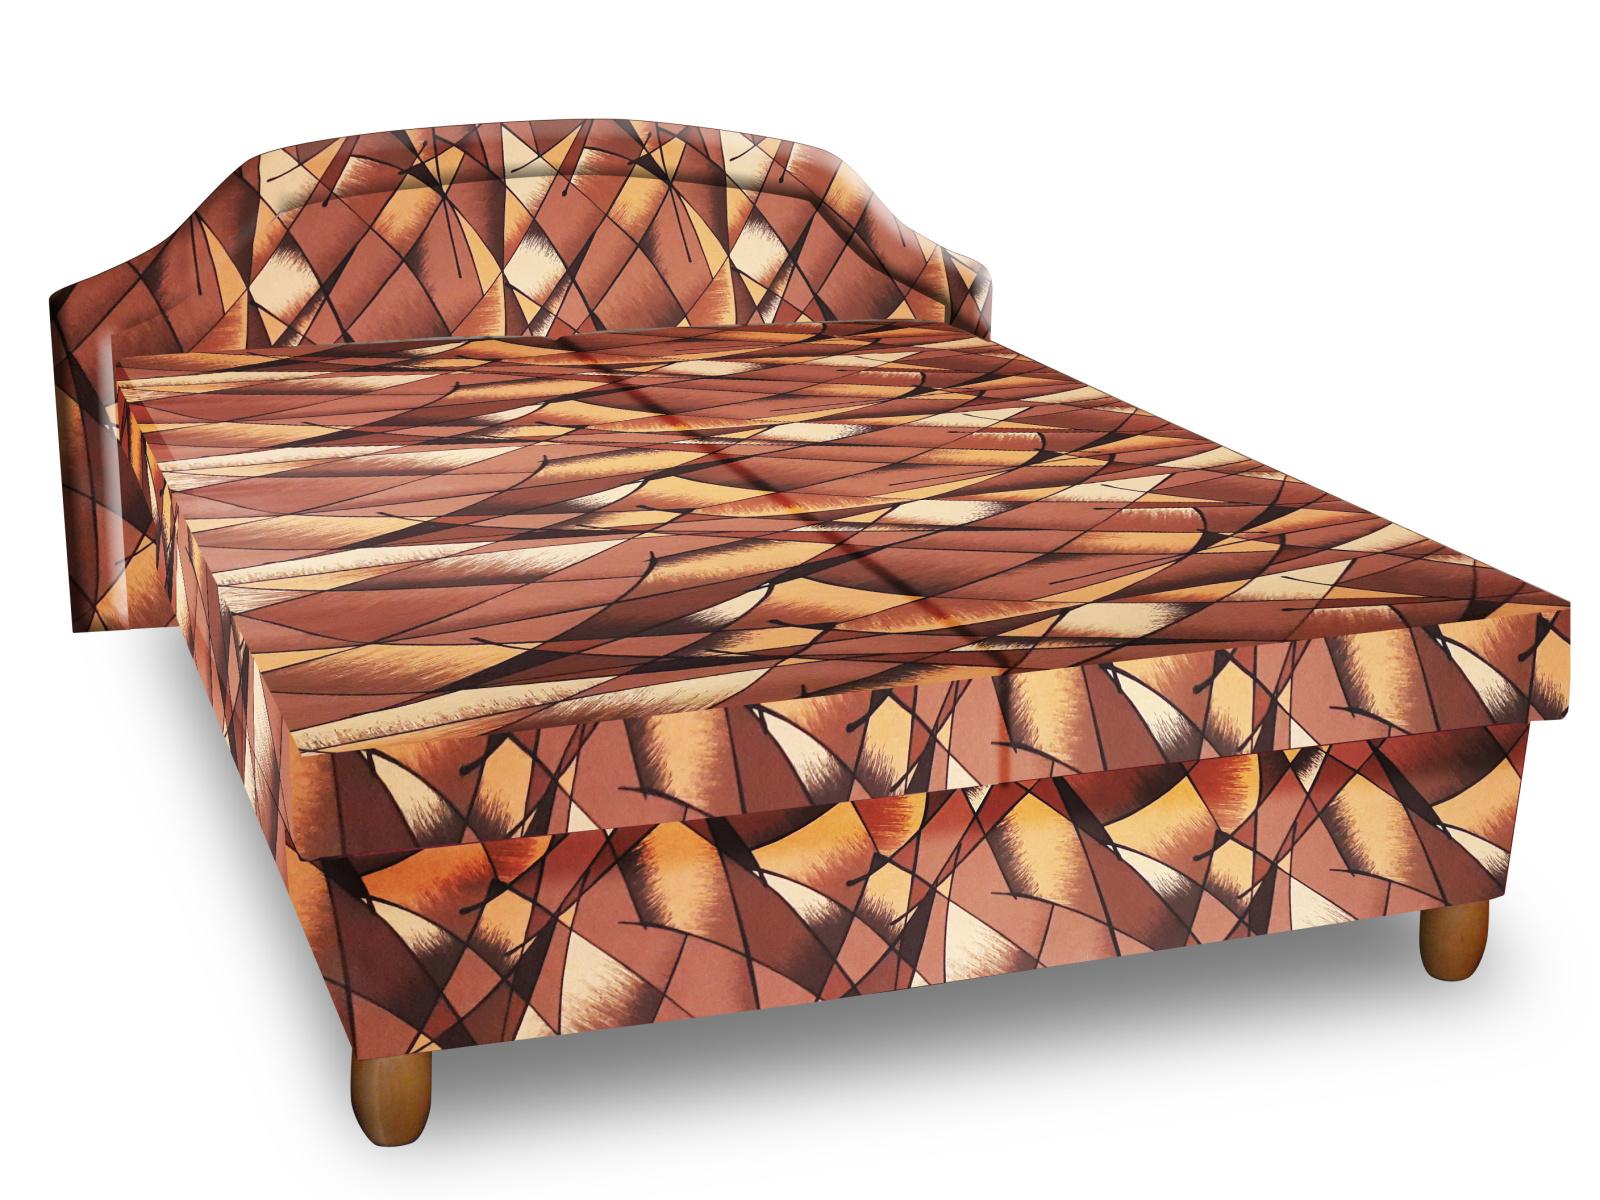 Smartshop Čalouněná postel KARINA 180x200 cm, hnědožlutá látka